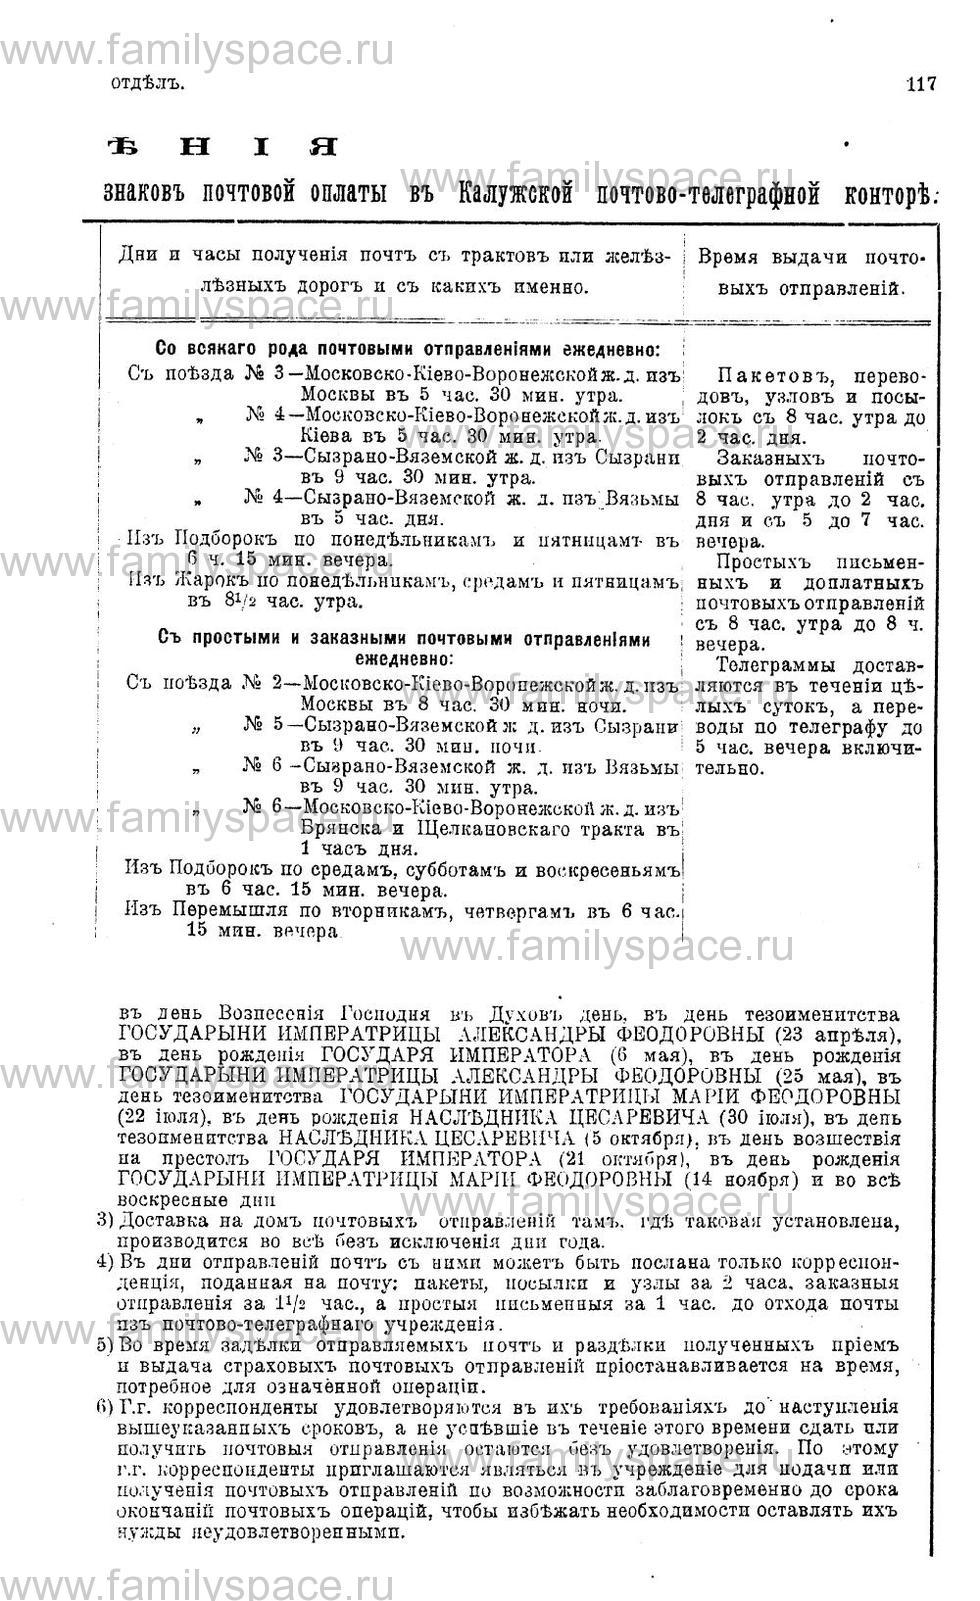 Поиск по фамилии - Памятная книжка и адрес-календарь Калужской губернии на 1911 год, страница 3117